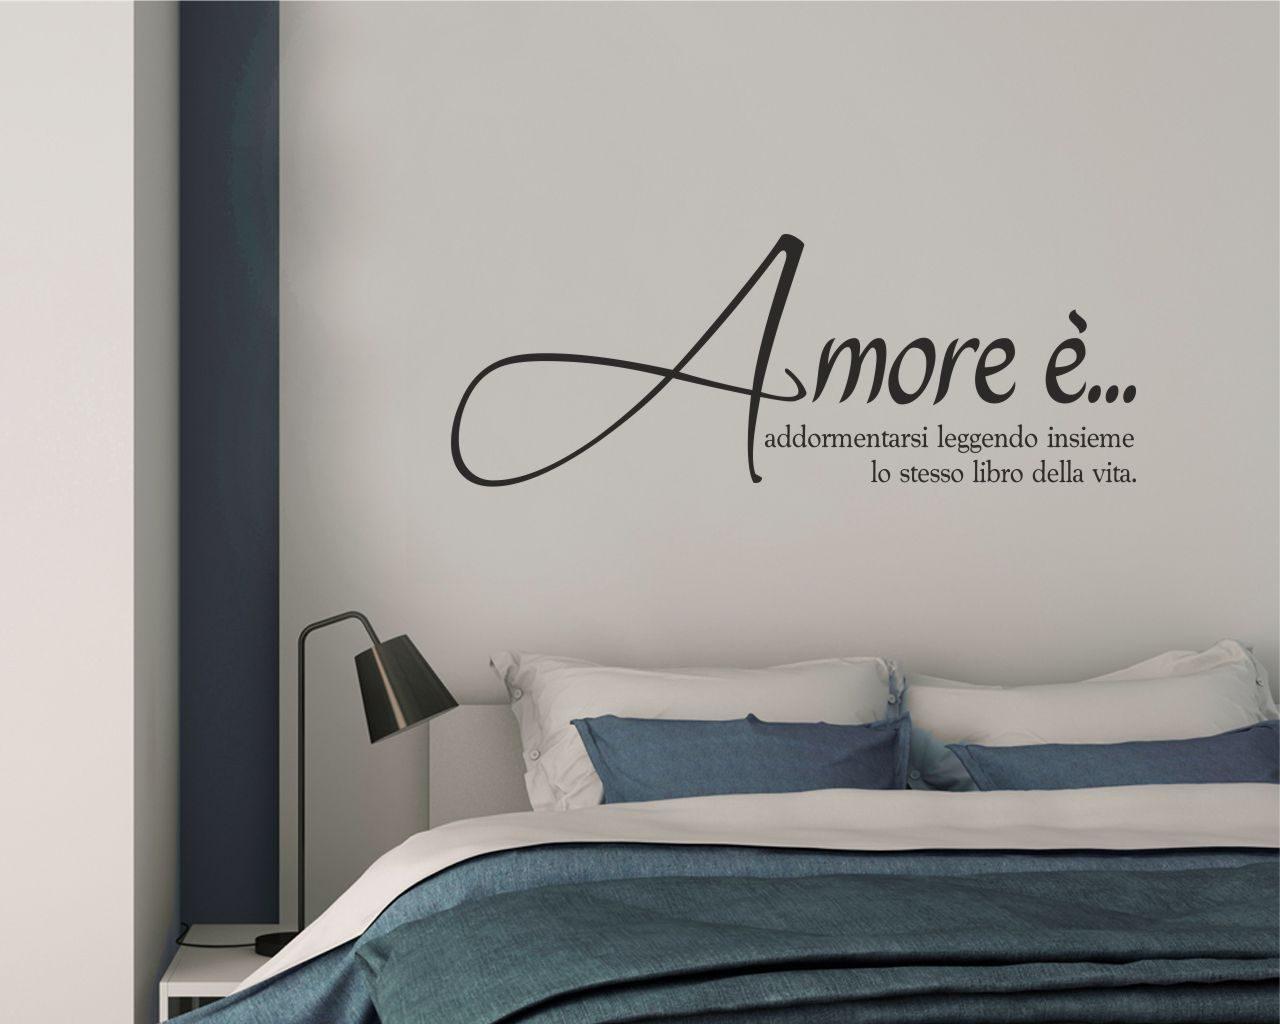 Amore e frasi aforismi citazioni adesivo murale - Murales camera da letto ...